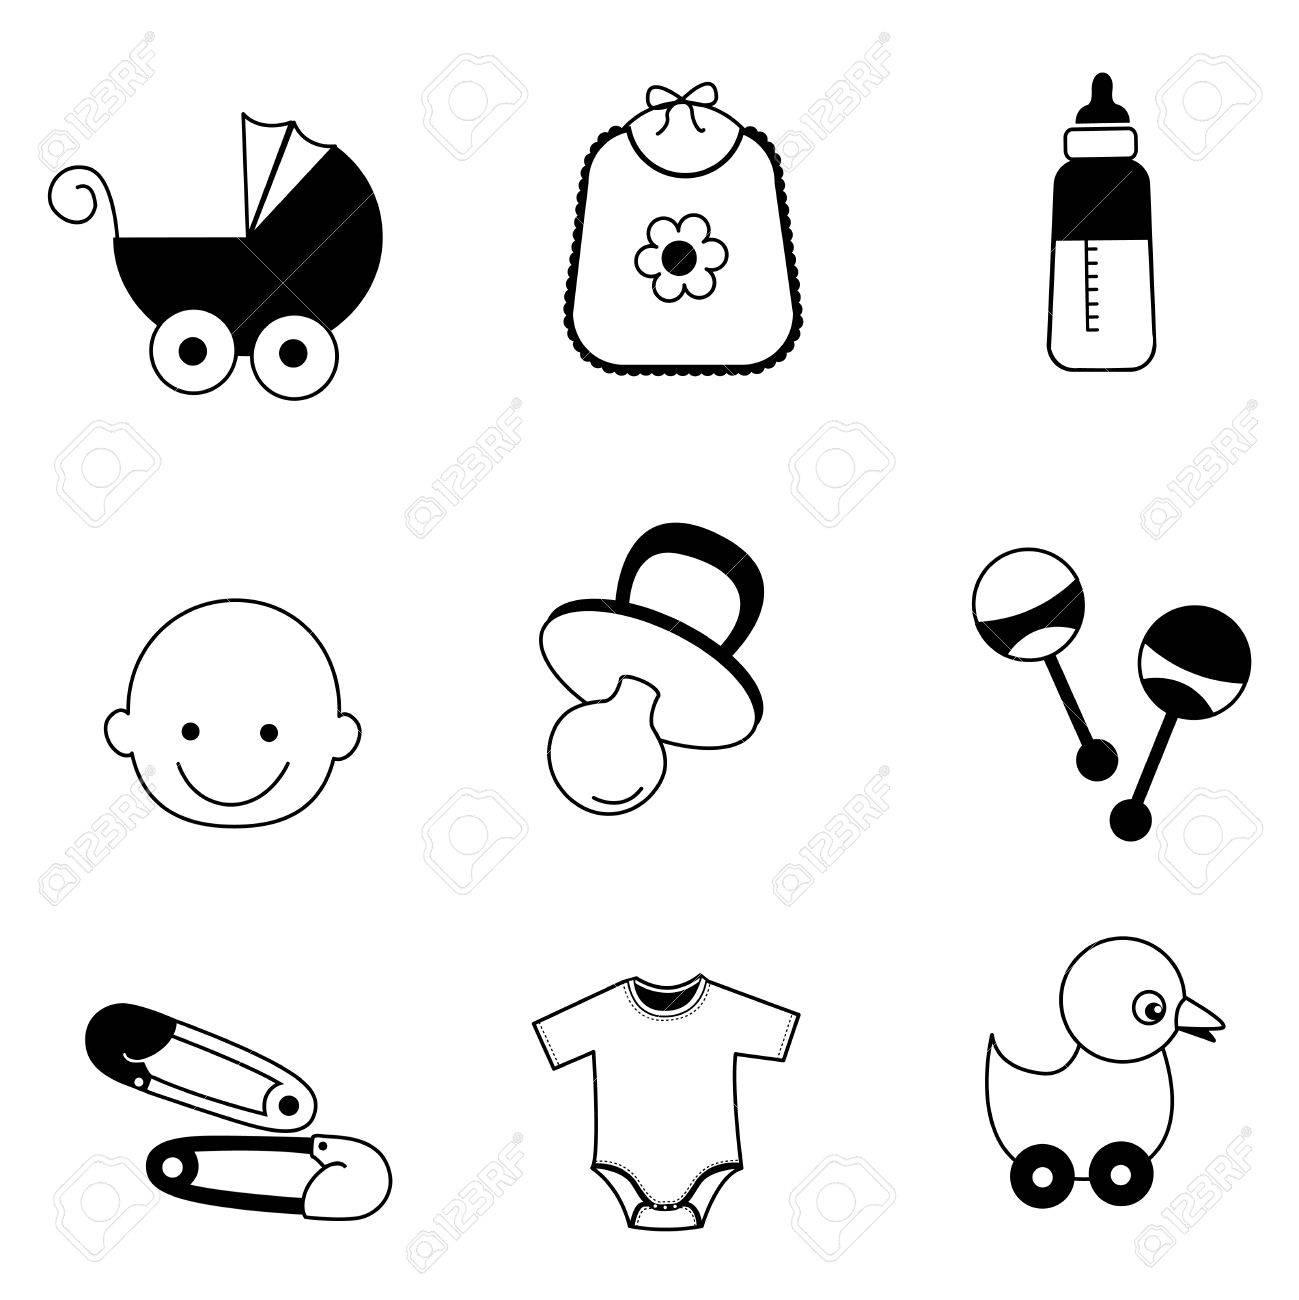 Schwarz Weiß Baby Zubehör Web Icon Sammlung Isoliert Auf Weiss